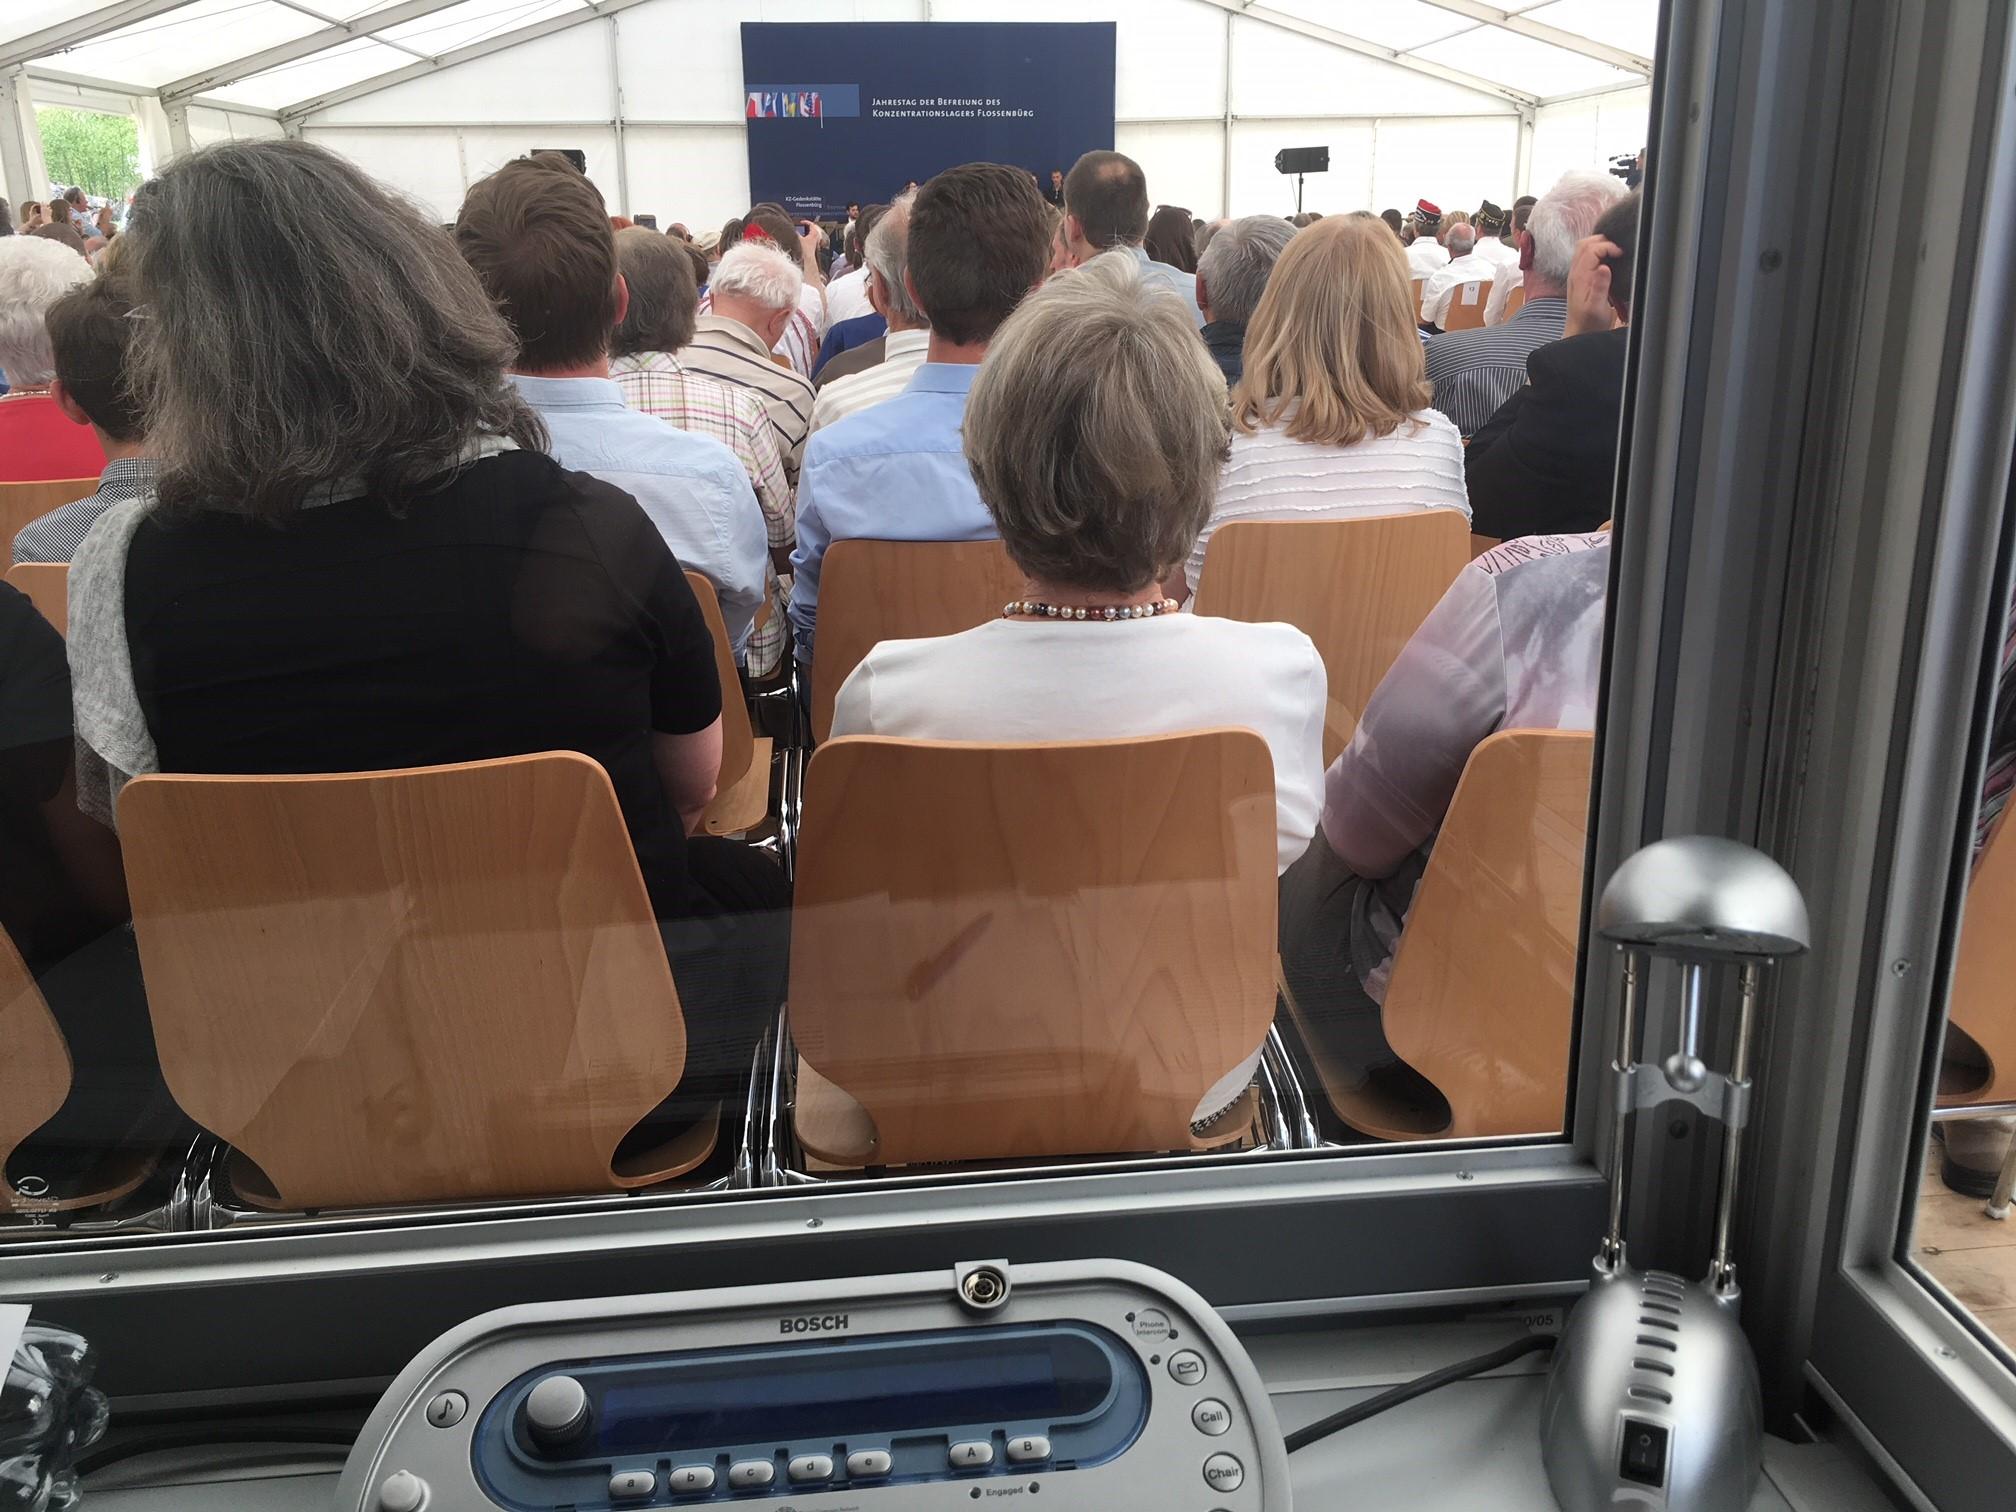 Konferenzdolmetschen Polnisch-Deutsch beim Gedenkakt der Befreiung des KZ Flossenbürg